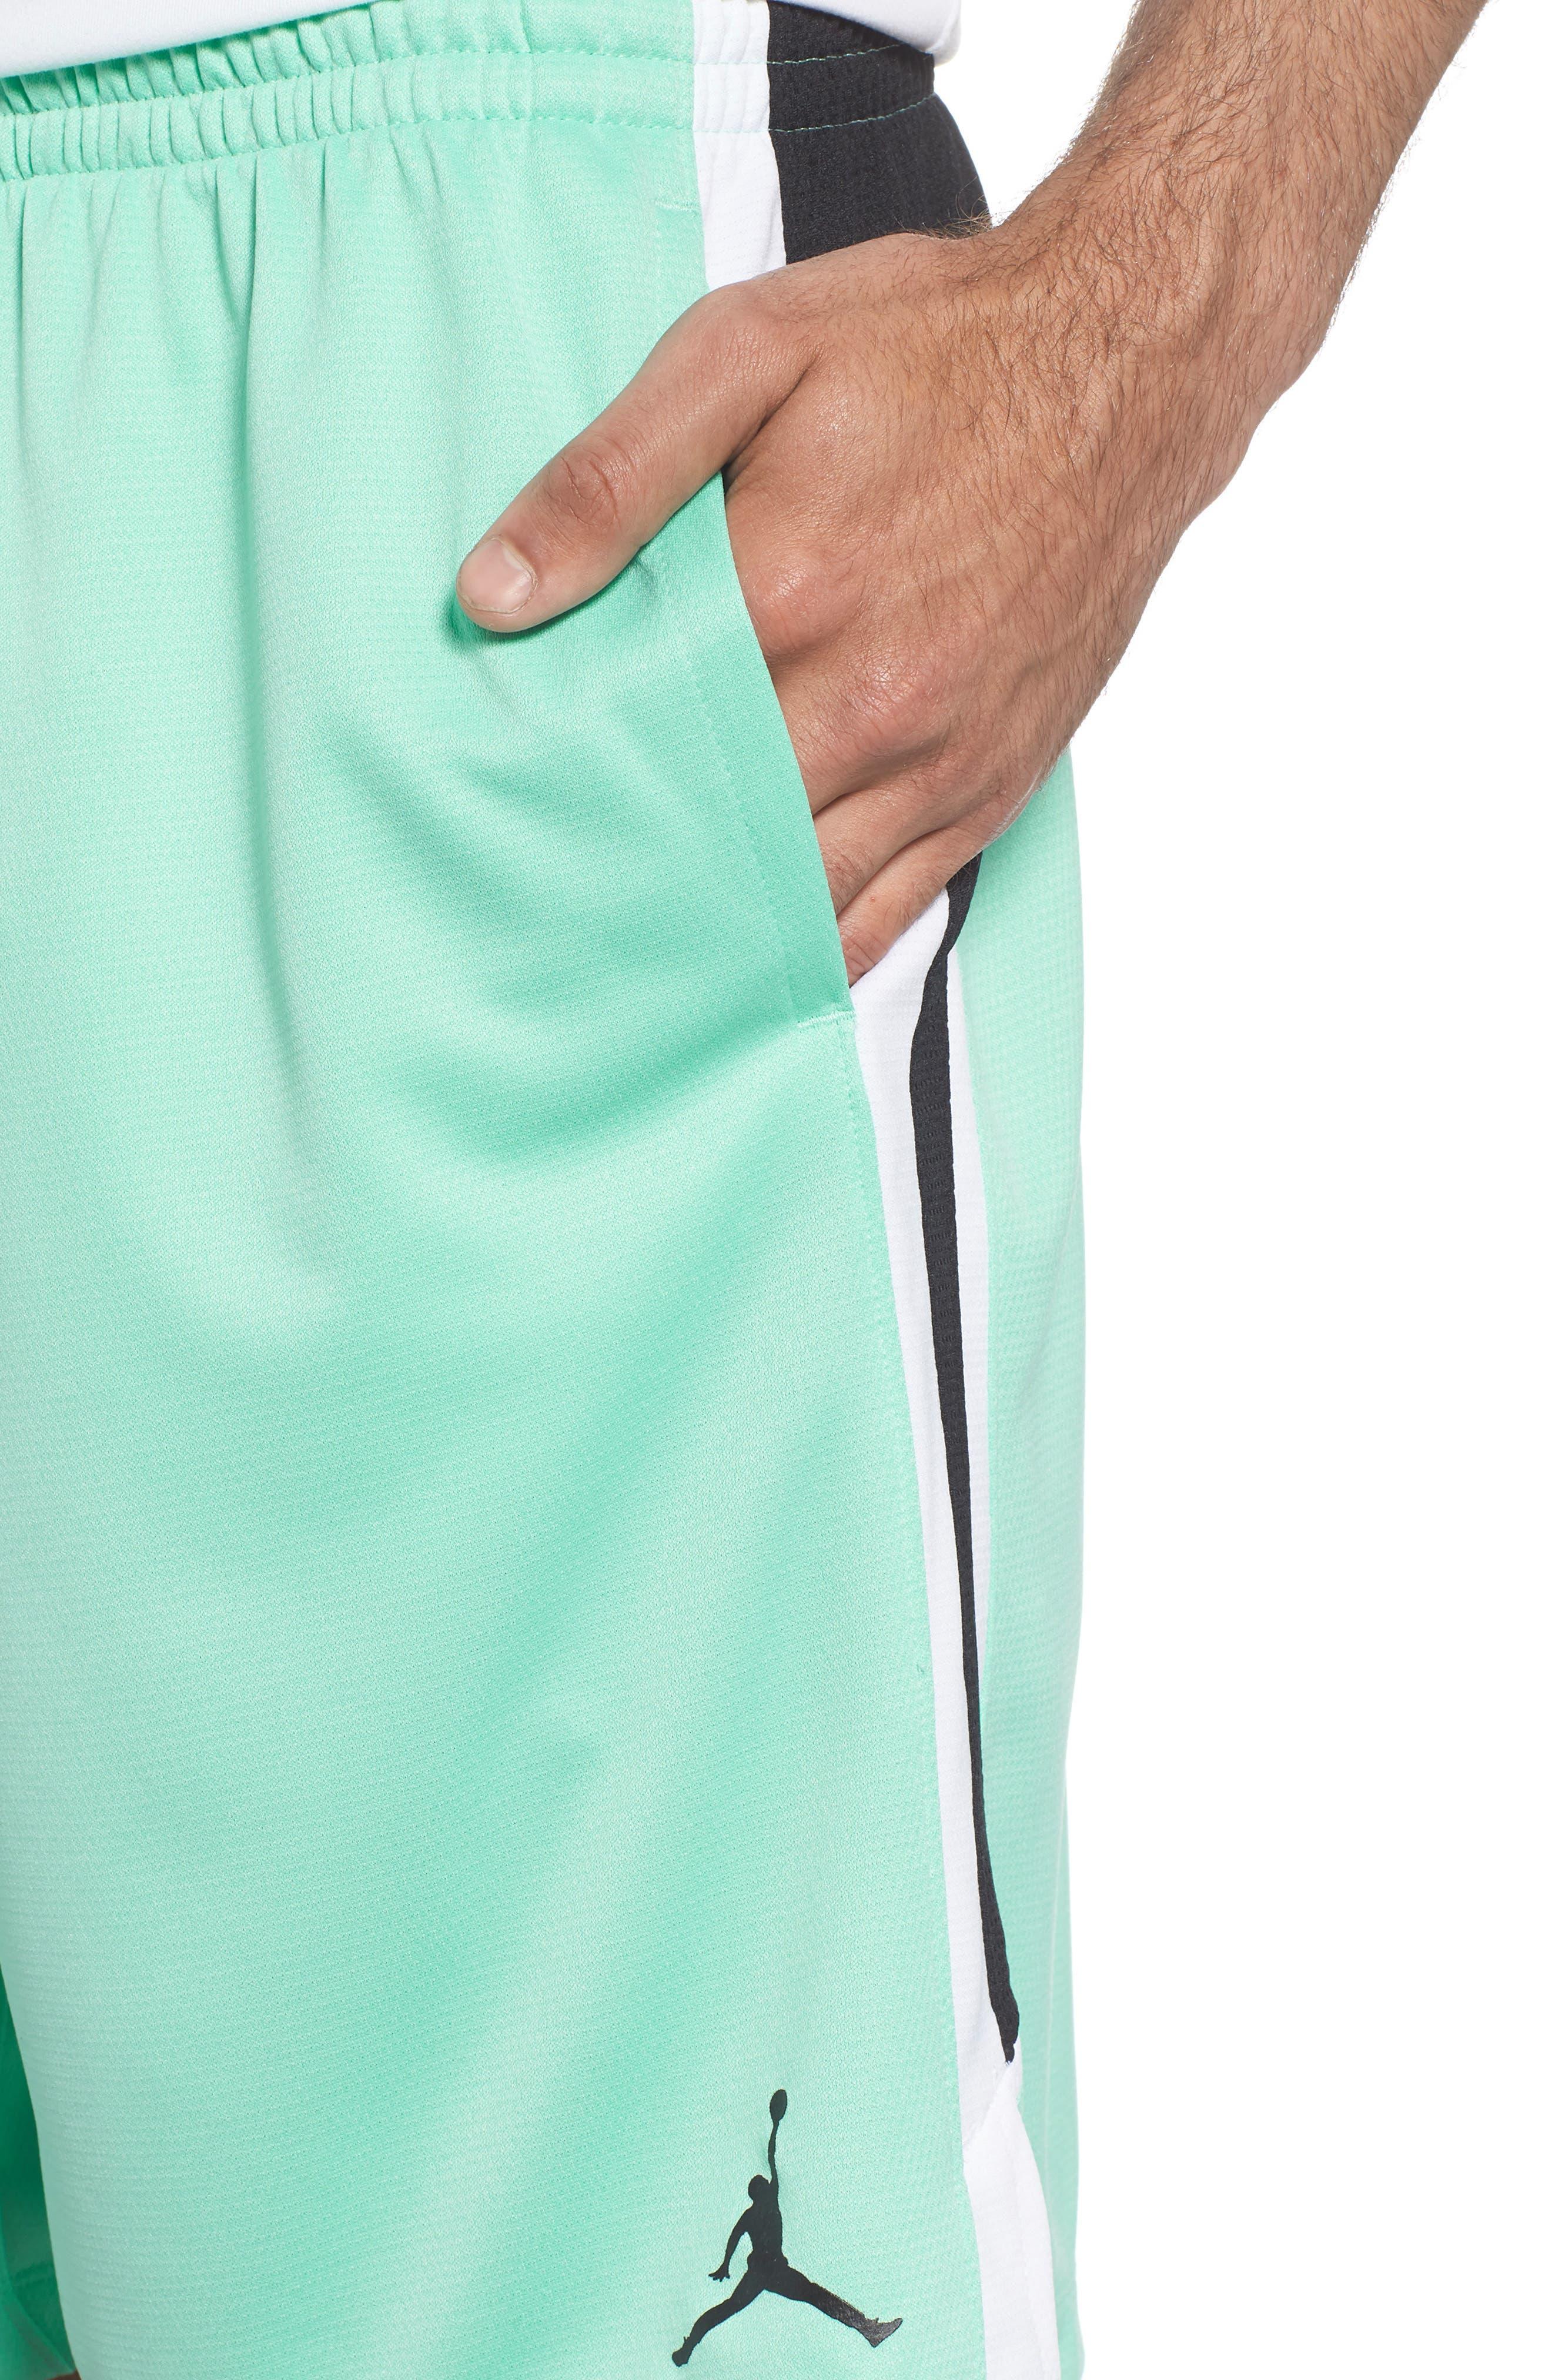 Jordan Dry Flight Shorts,                             Alternate thumbnail 4, color,                             EMERALD RISE/ BLACK/ WHITE